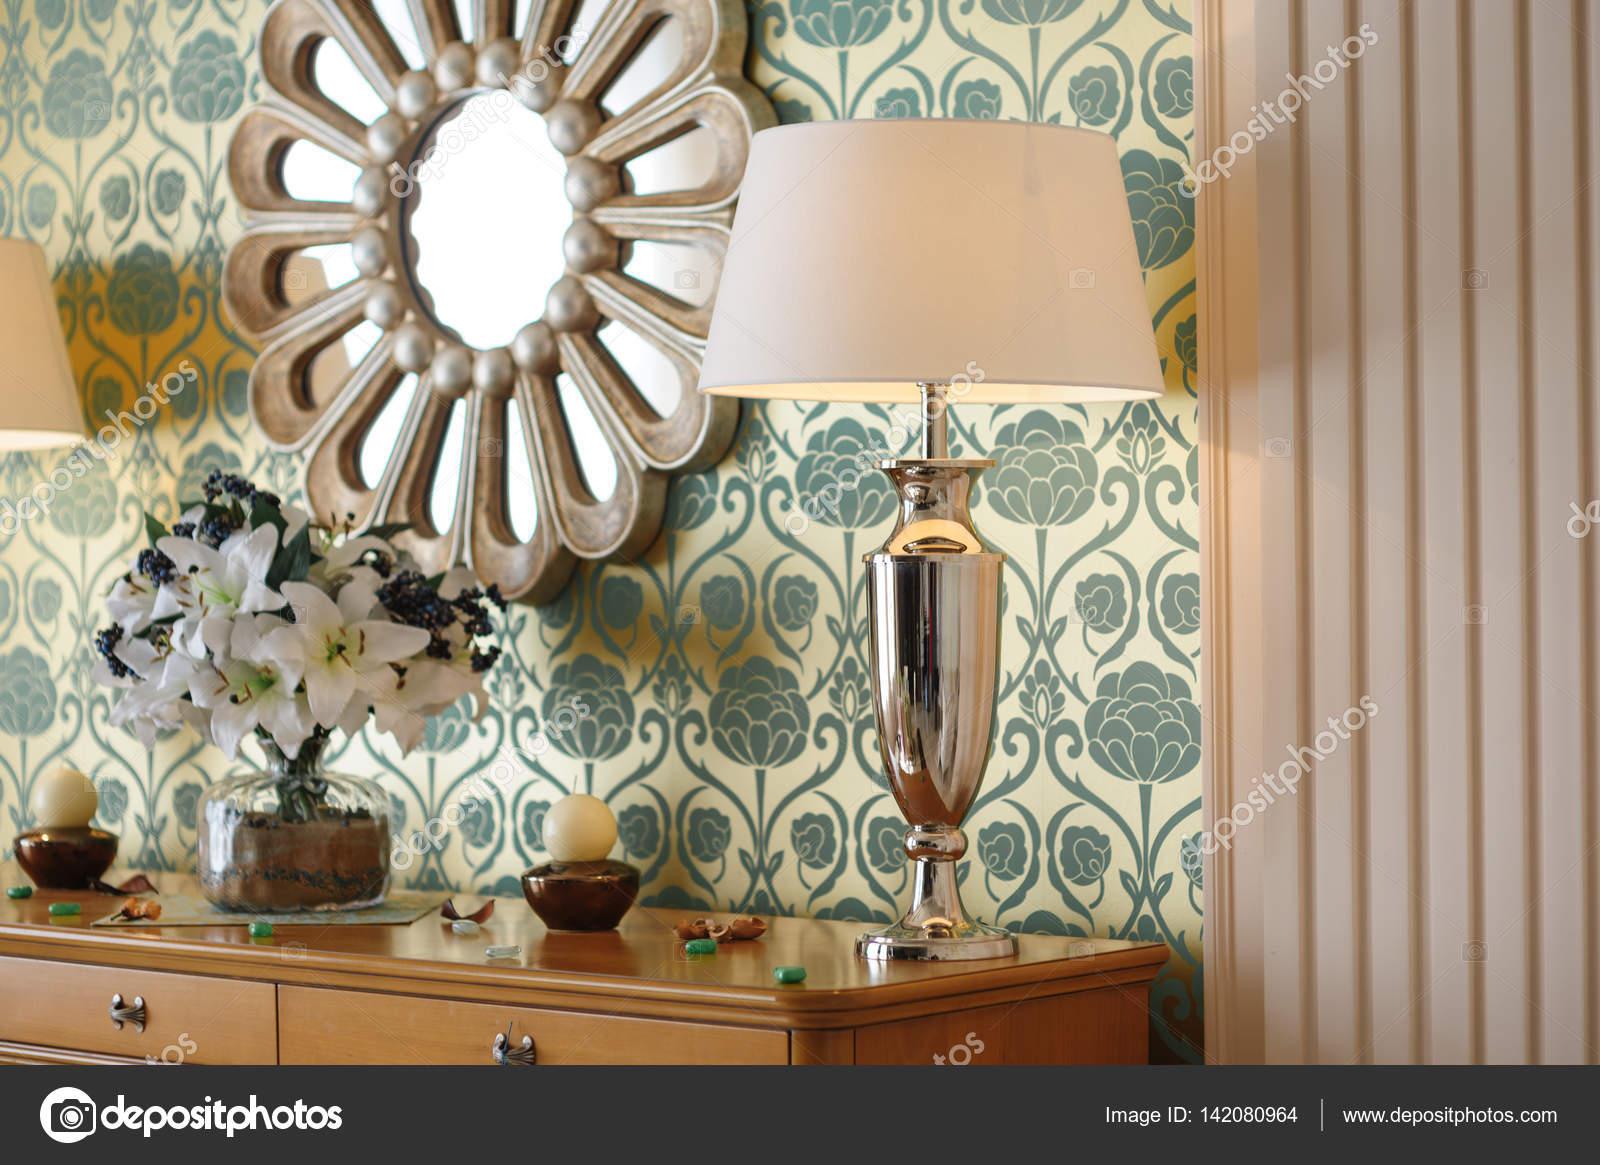 specchio da parete in camera da letto — Foto Stock © timonko #142080964